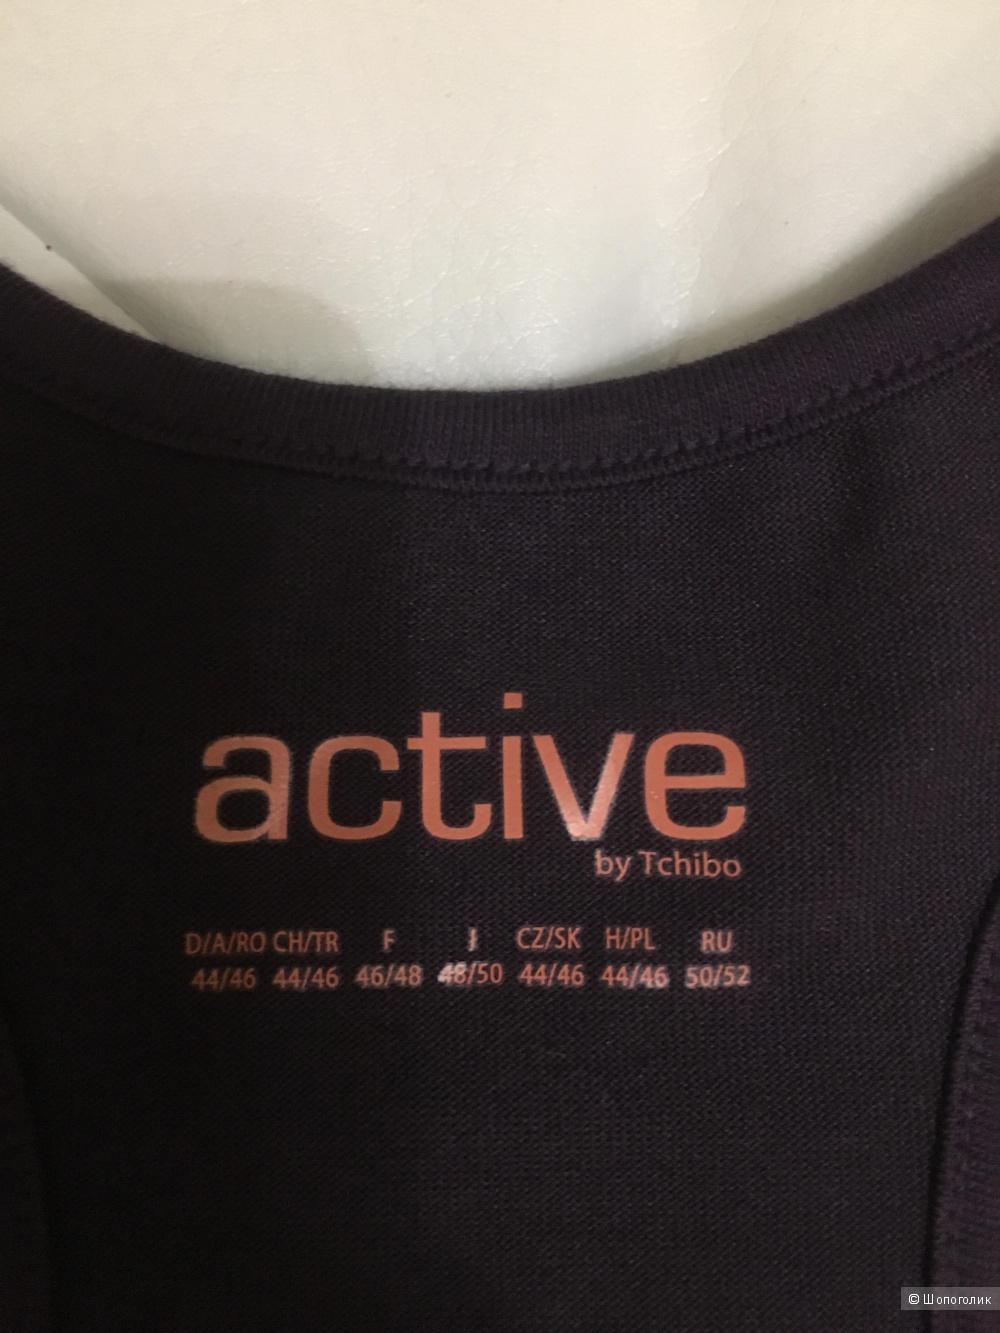 Спортивный тор Active TCM Tchibo, 48/50 размера